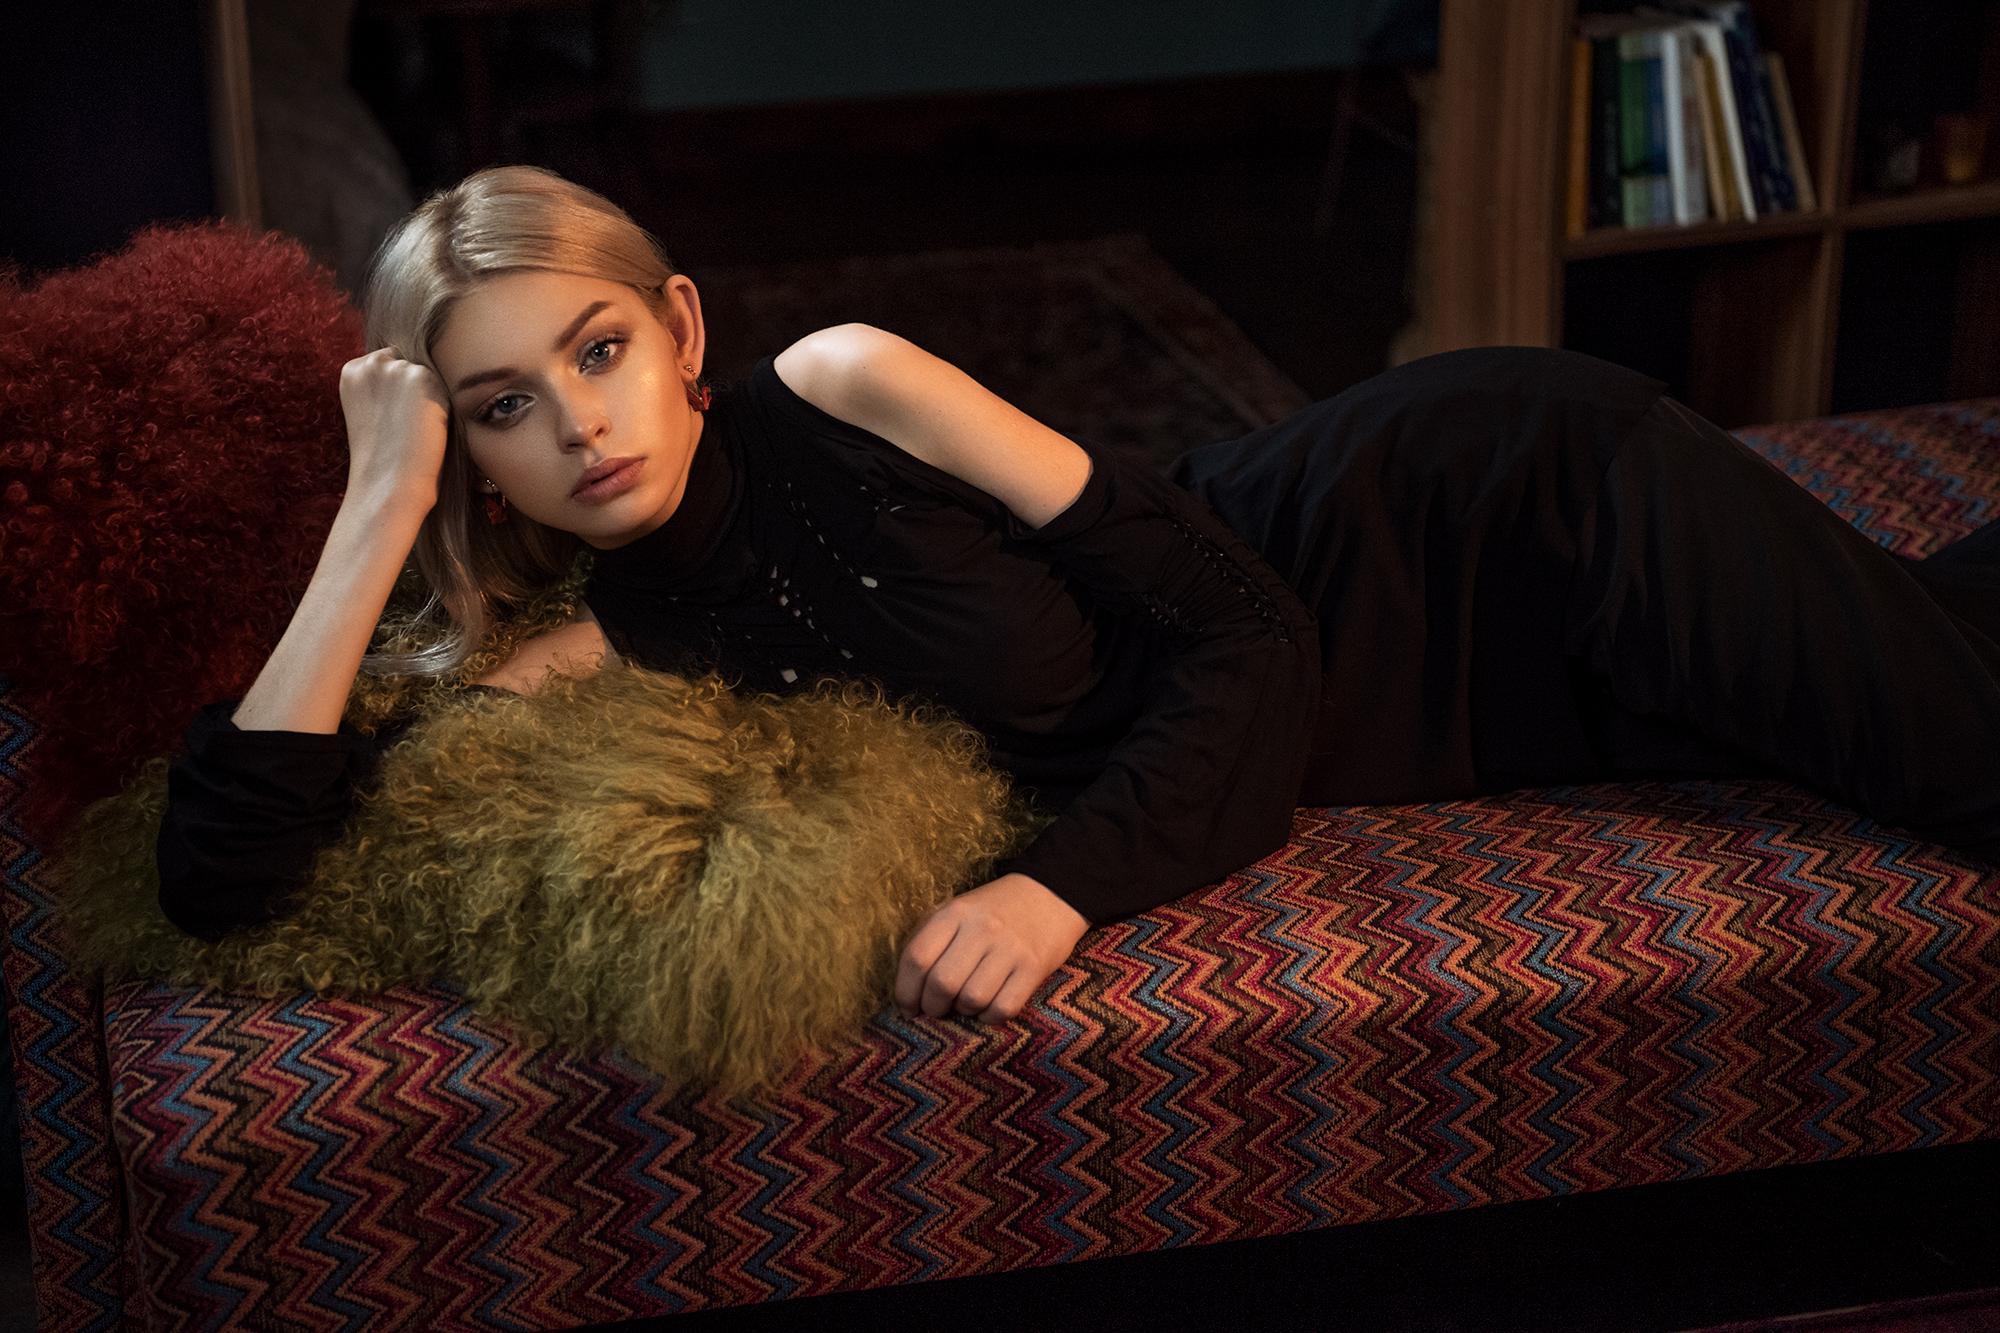 Dziewczyna leżąca na tapczanie, podpierająca głowę ręką z futrzastą poduszką pod ramieniem